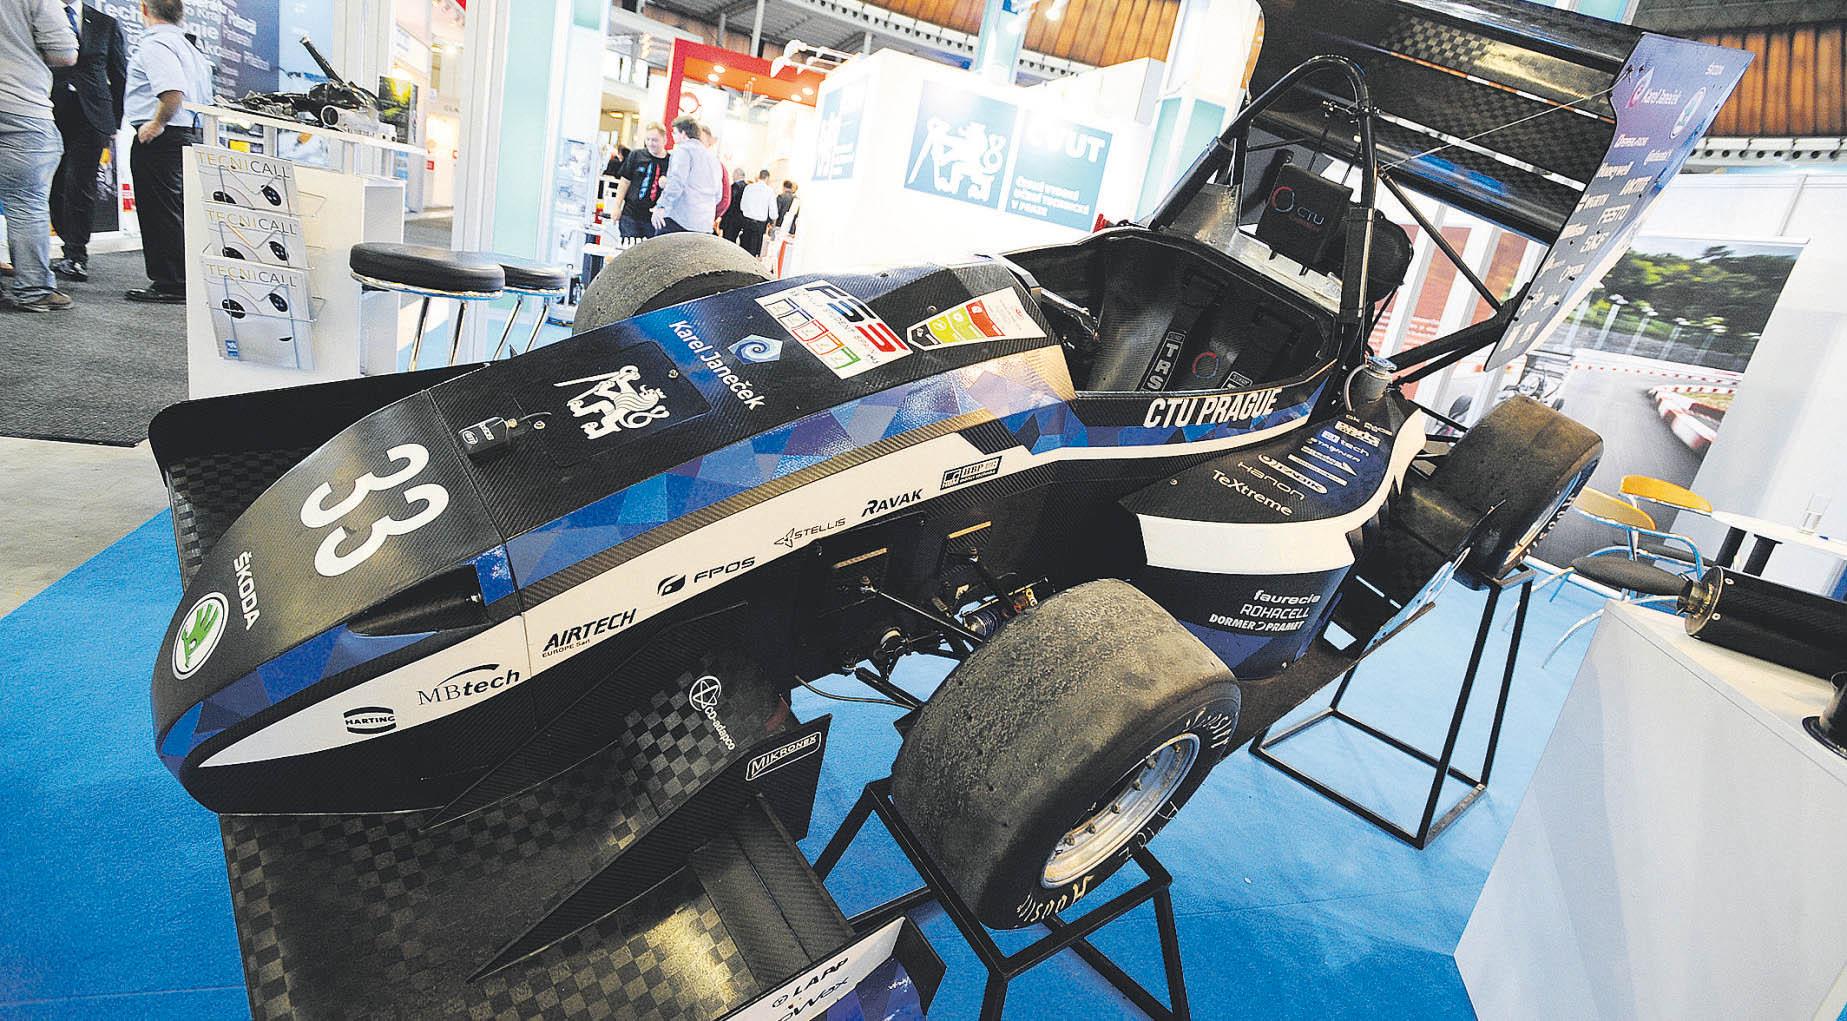 Nový model Formule Student je oproti předchozím modelům lehčí a má nižší těžiště.